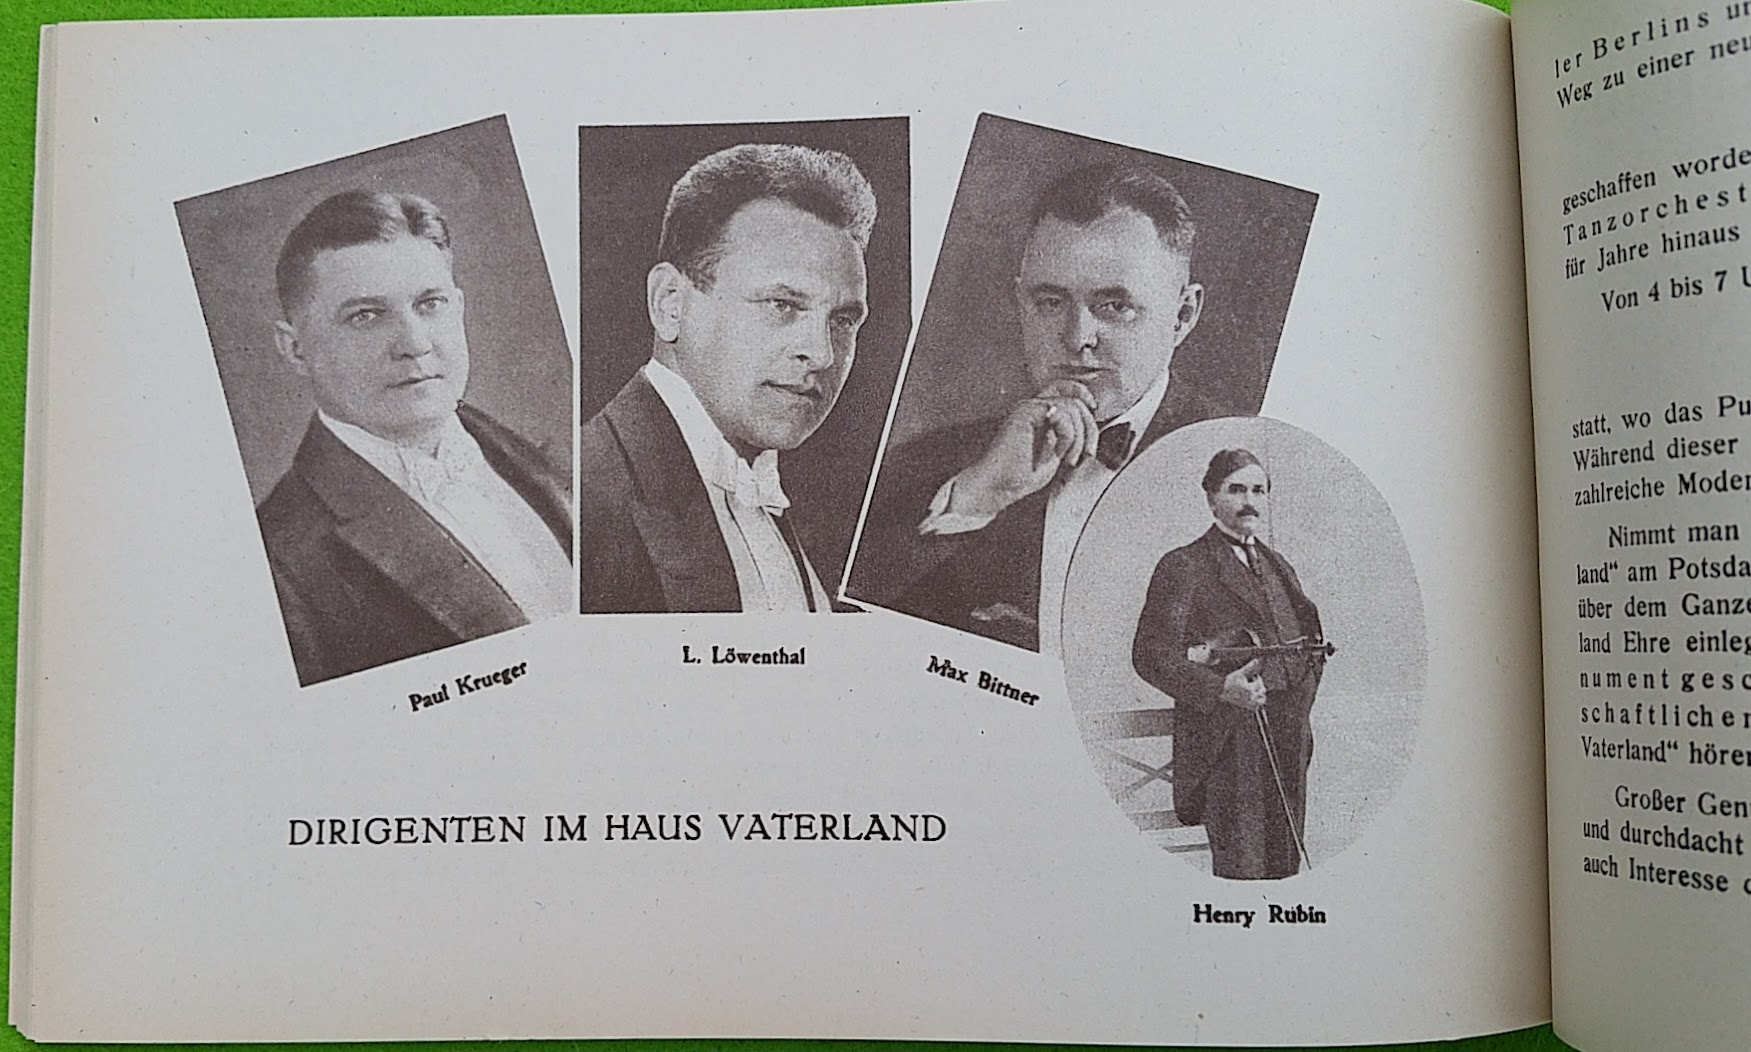 Begleitheft zur Eröffnung von Haus Vaterland am Potsdamer Platz, Berlin, 31. August 1928 - Dirigenten